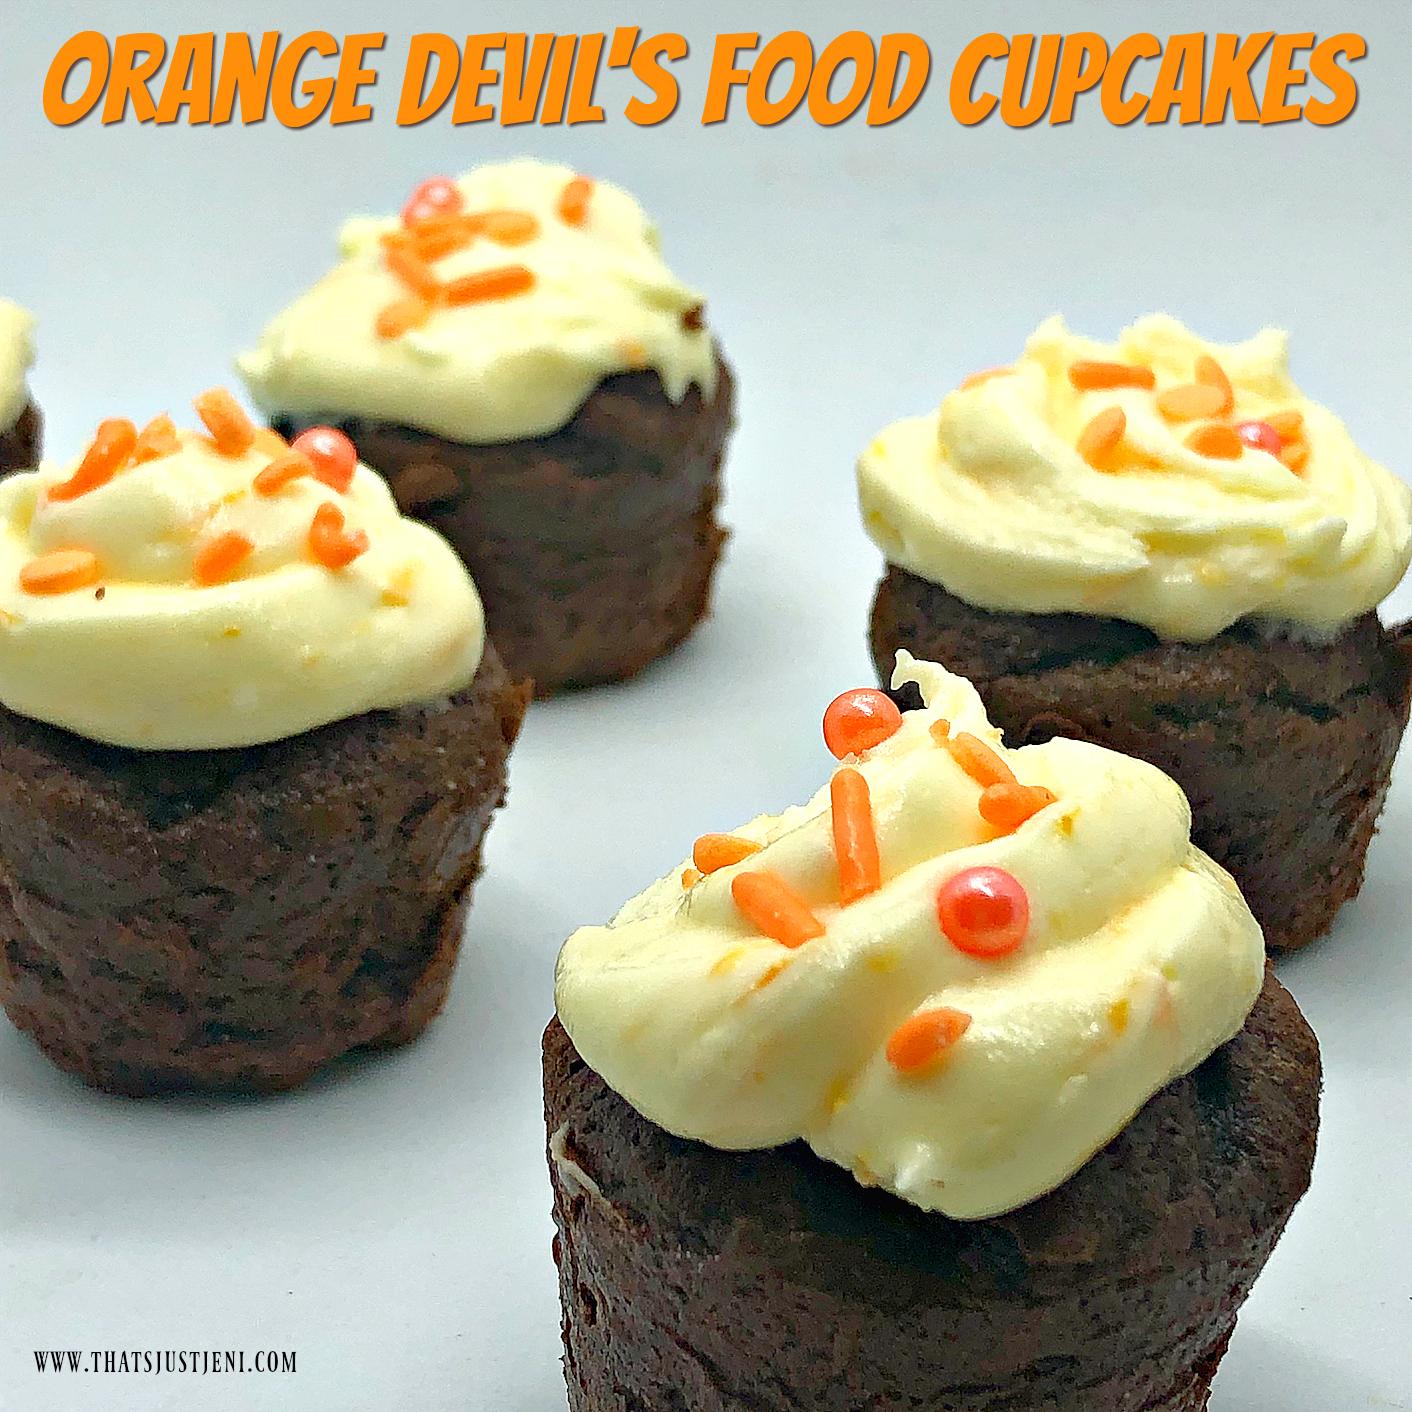 Orange Devil's Food Cupcakes Recipe